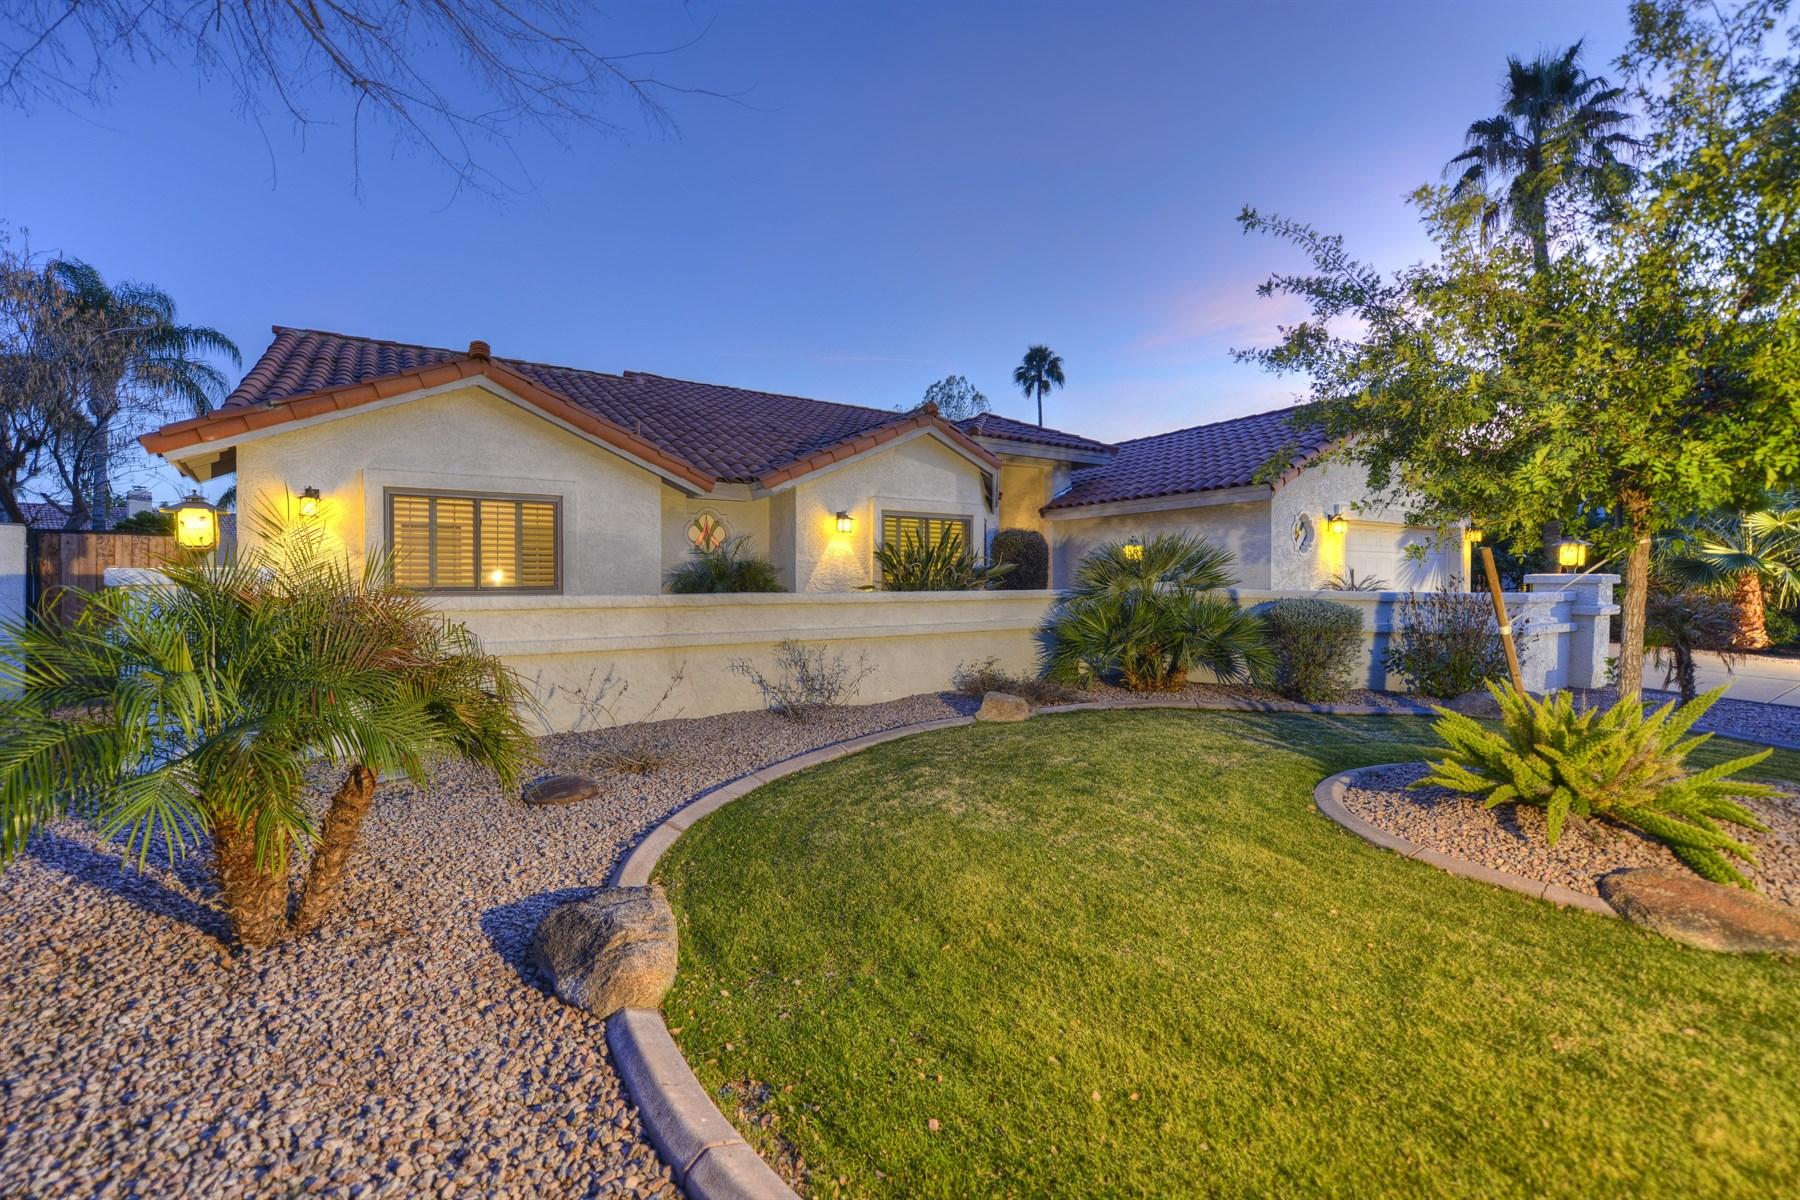 Maison unifamiliale pour l Vente à Welcome to the Perfect Family Home in McCormick Ranch 8513 E SAN Jacinto Dr Scottsdale, Arizona 85258 États-Unis